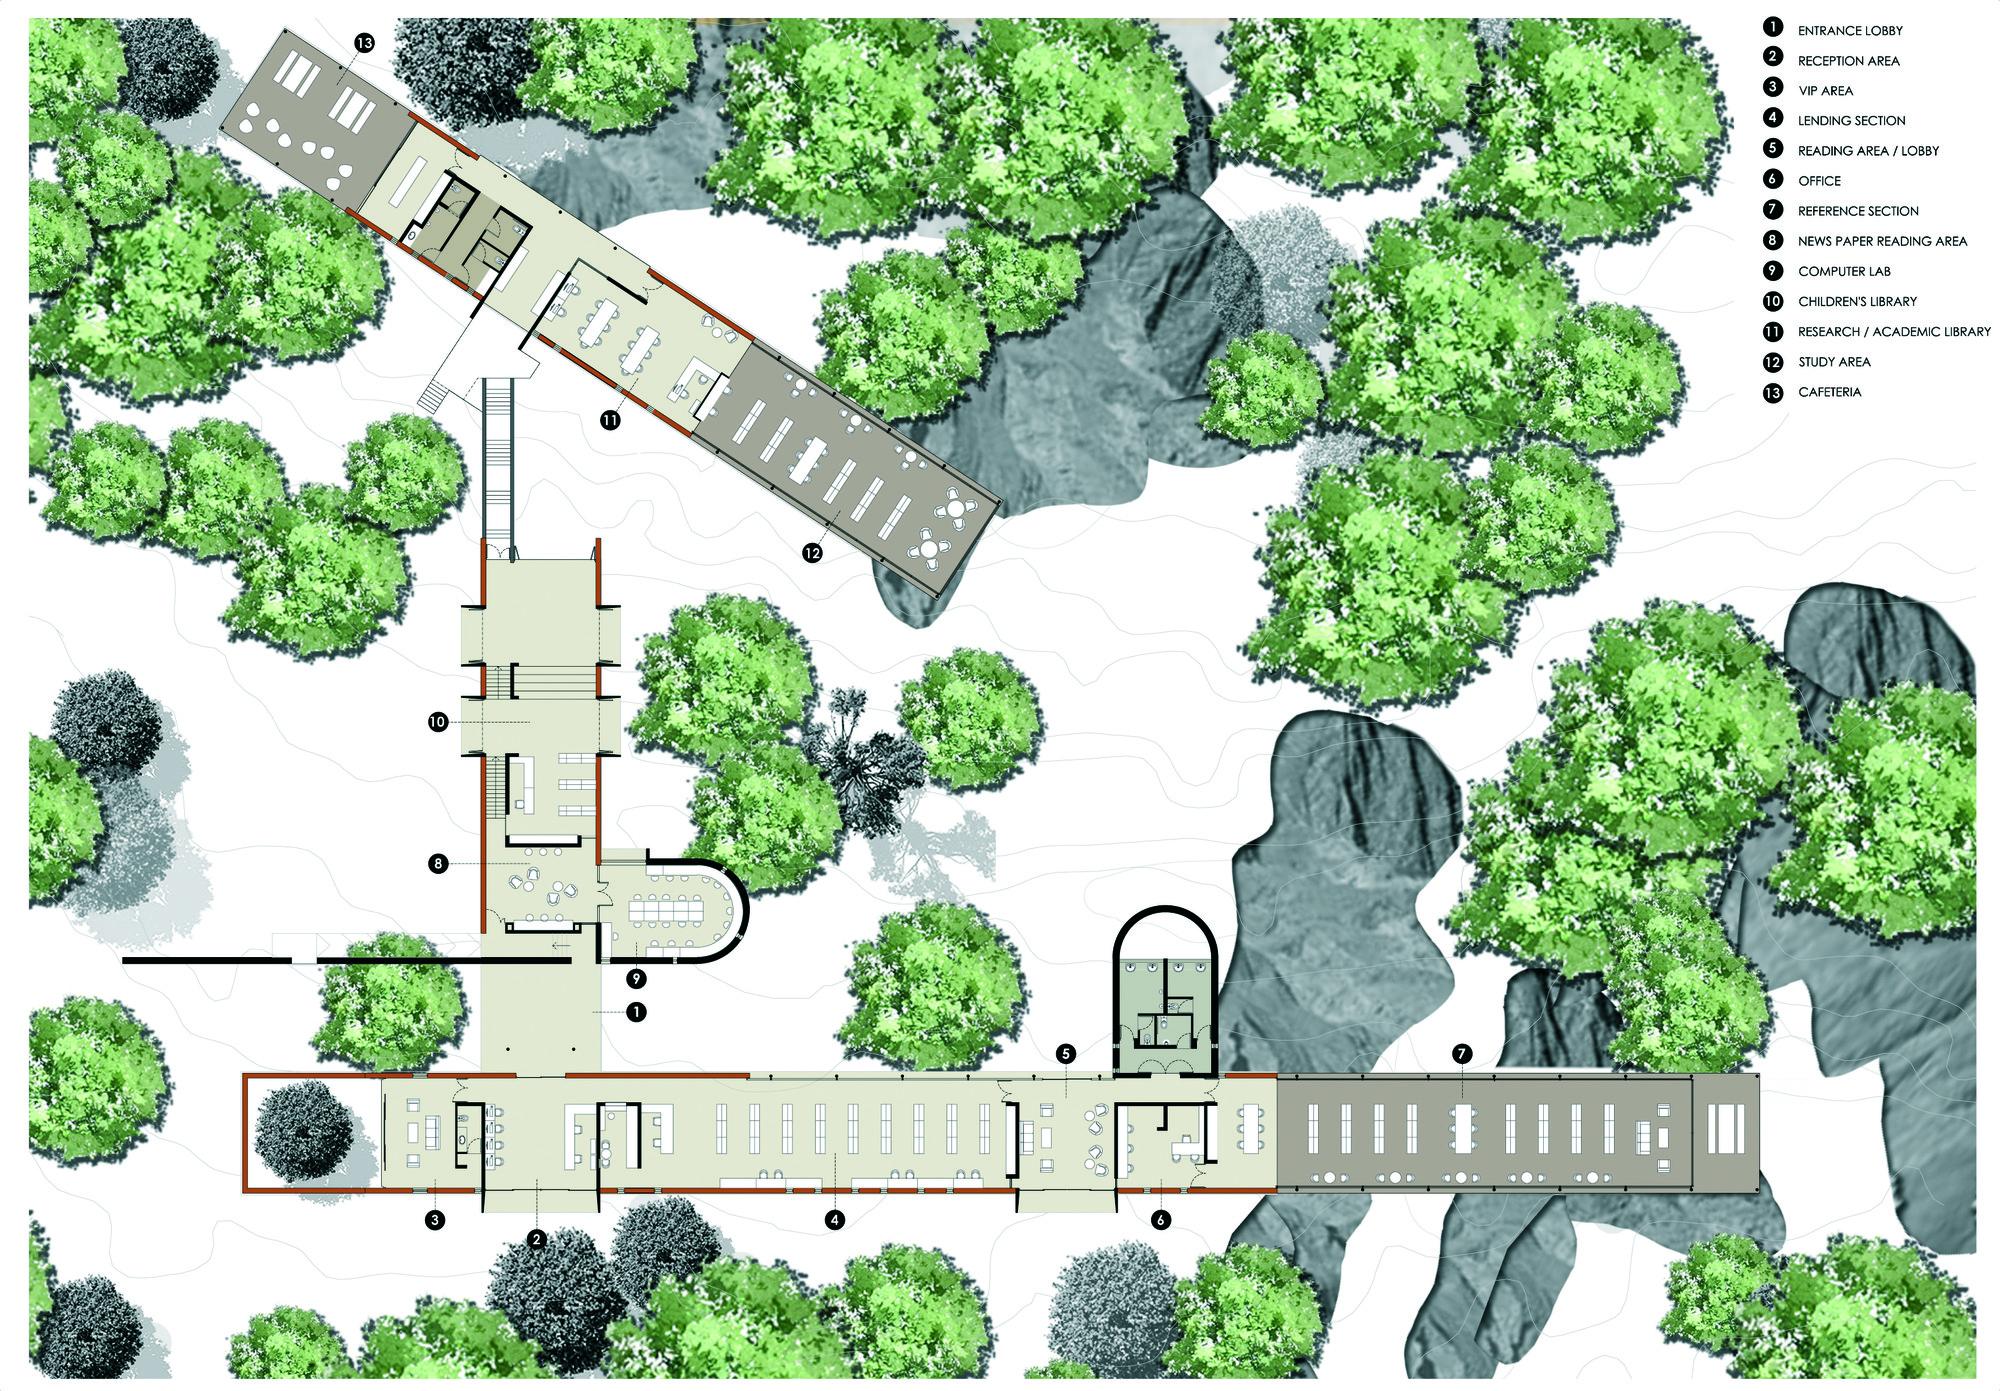 Green Building Floor Plans